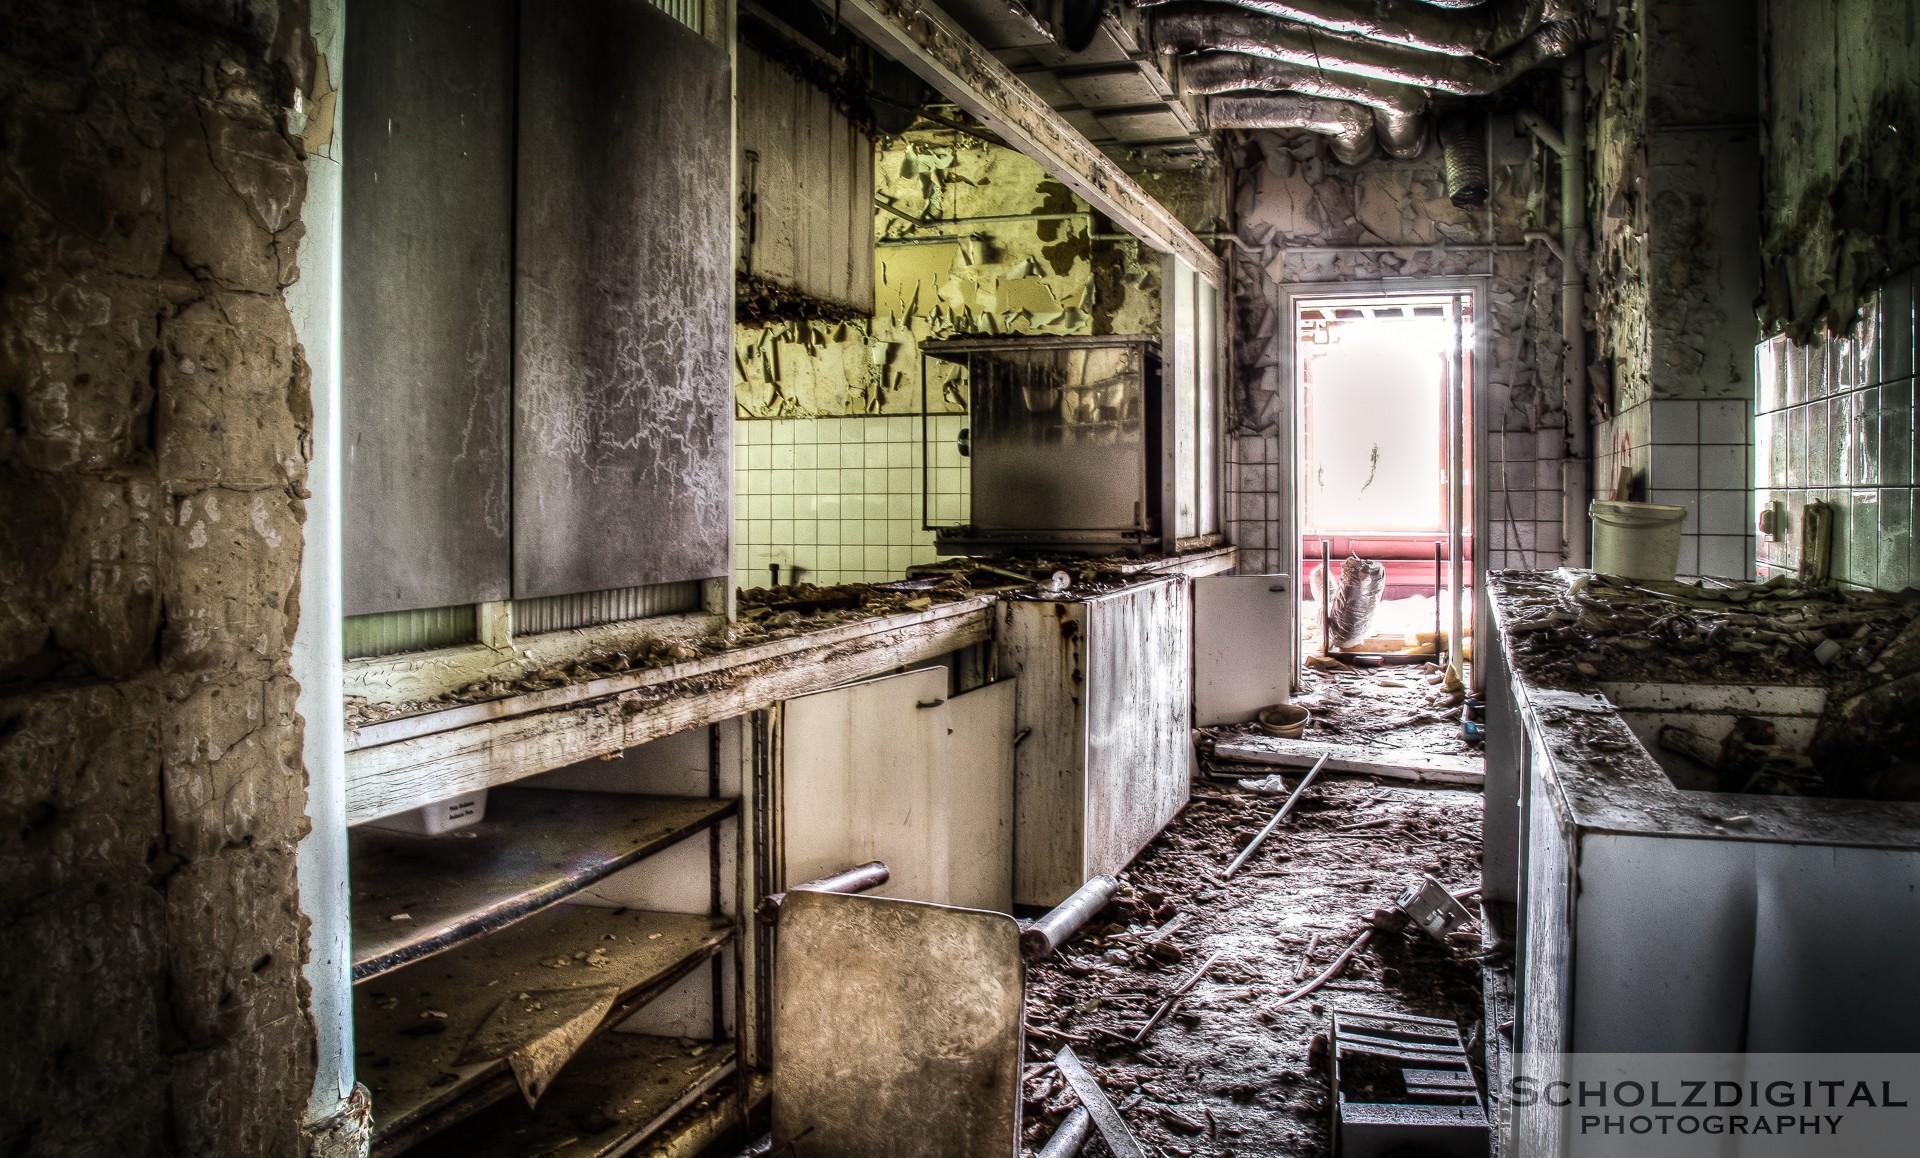 Verlassene Orte - wurden in dieser Küche wohlduftende Speisen zubereitet, so ist heute nur noch der Duft des Verfalls vorhanden